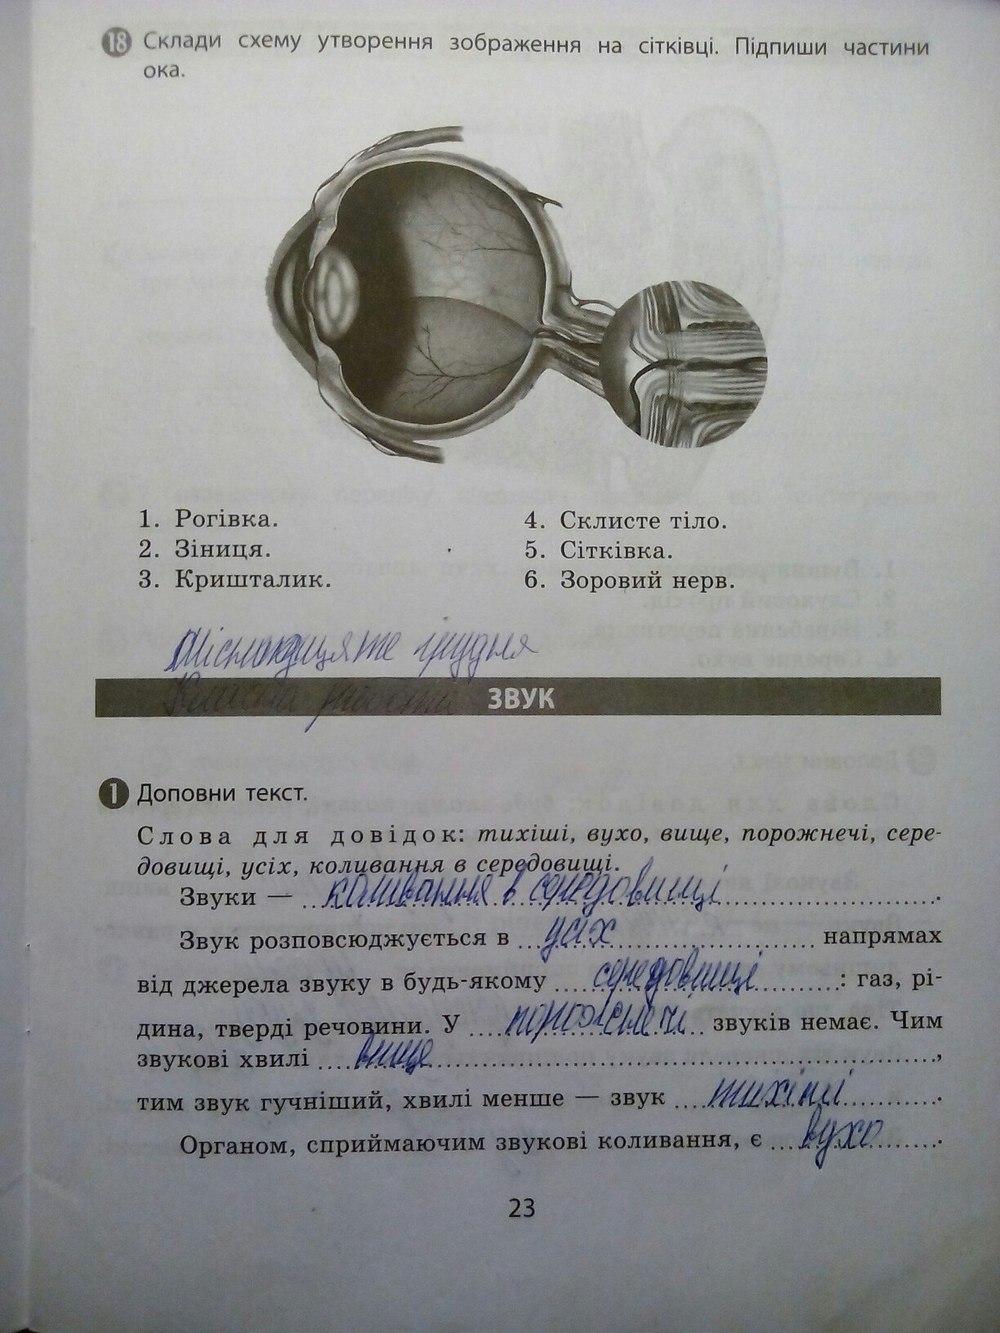 ГДЗ відповіді робочий зошит по биологии 5 класс. Задание: стр. 23